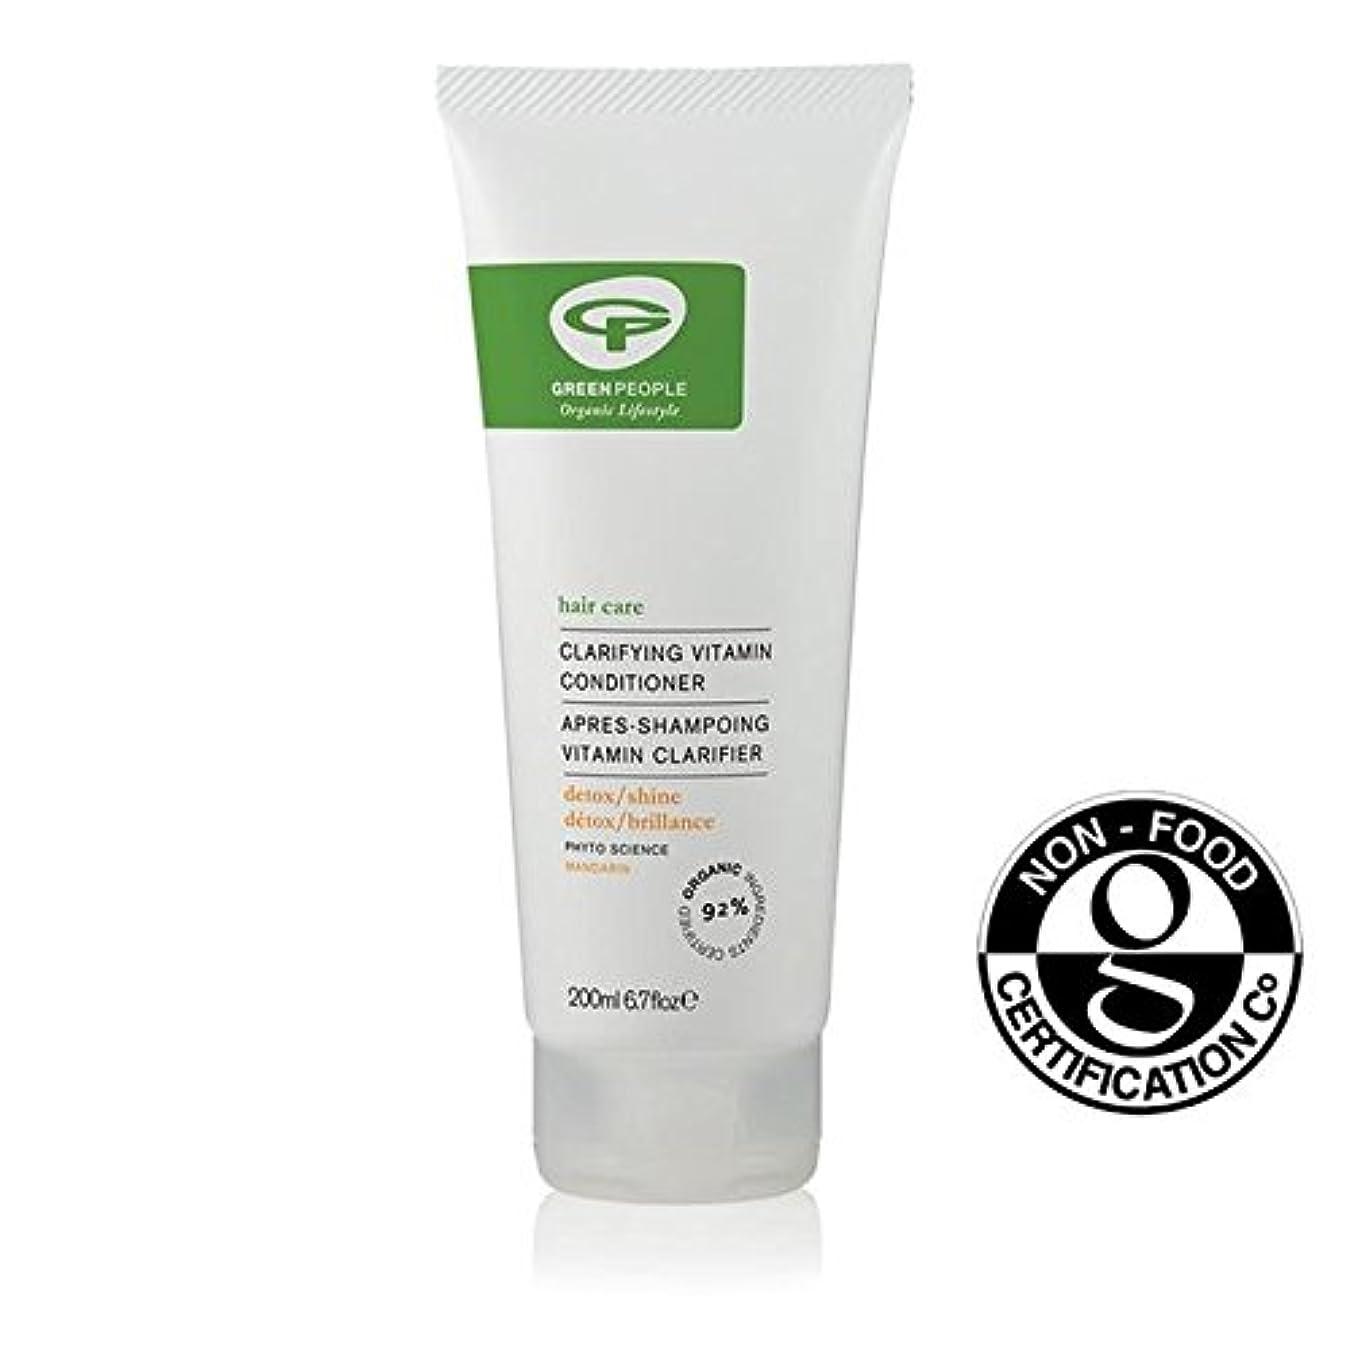 タックルクリーナー啓示Green People Organic Clarifying Vitamin Conditioner 200ml - 緑の人々の有機明確ビタミンコンディショナー200 [並行輸入品]